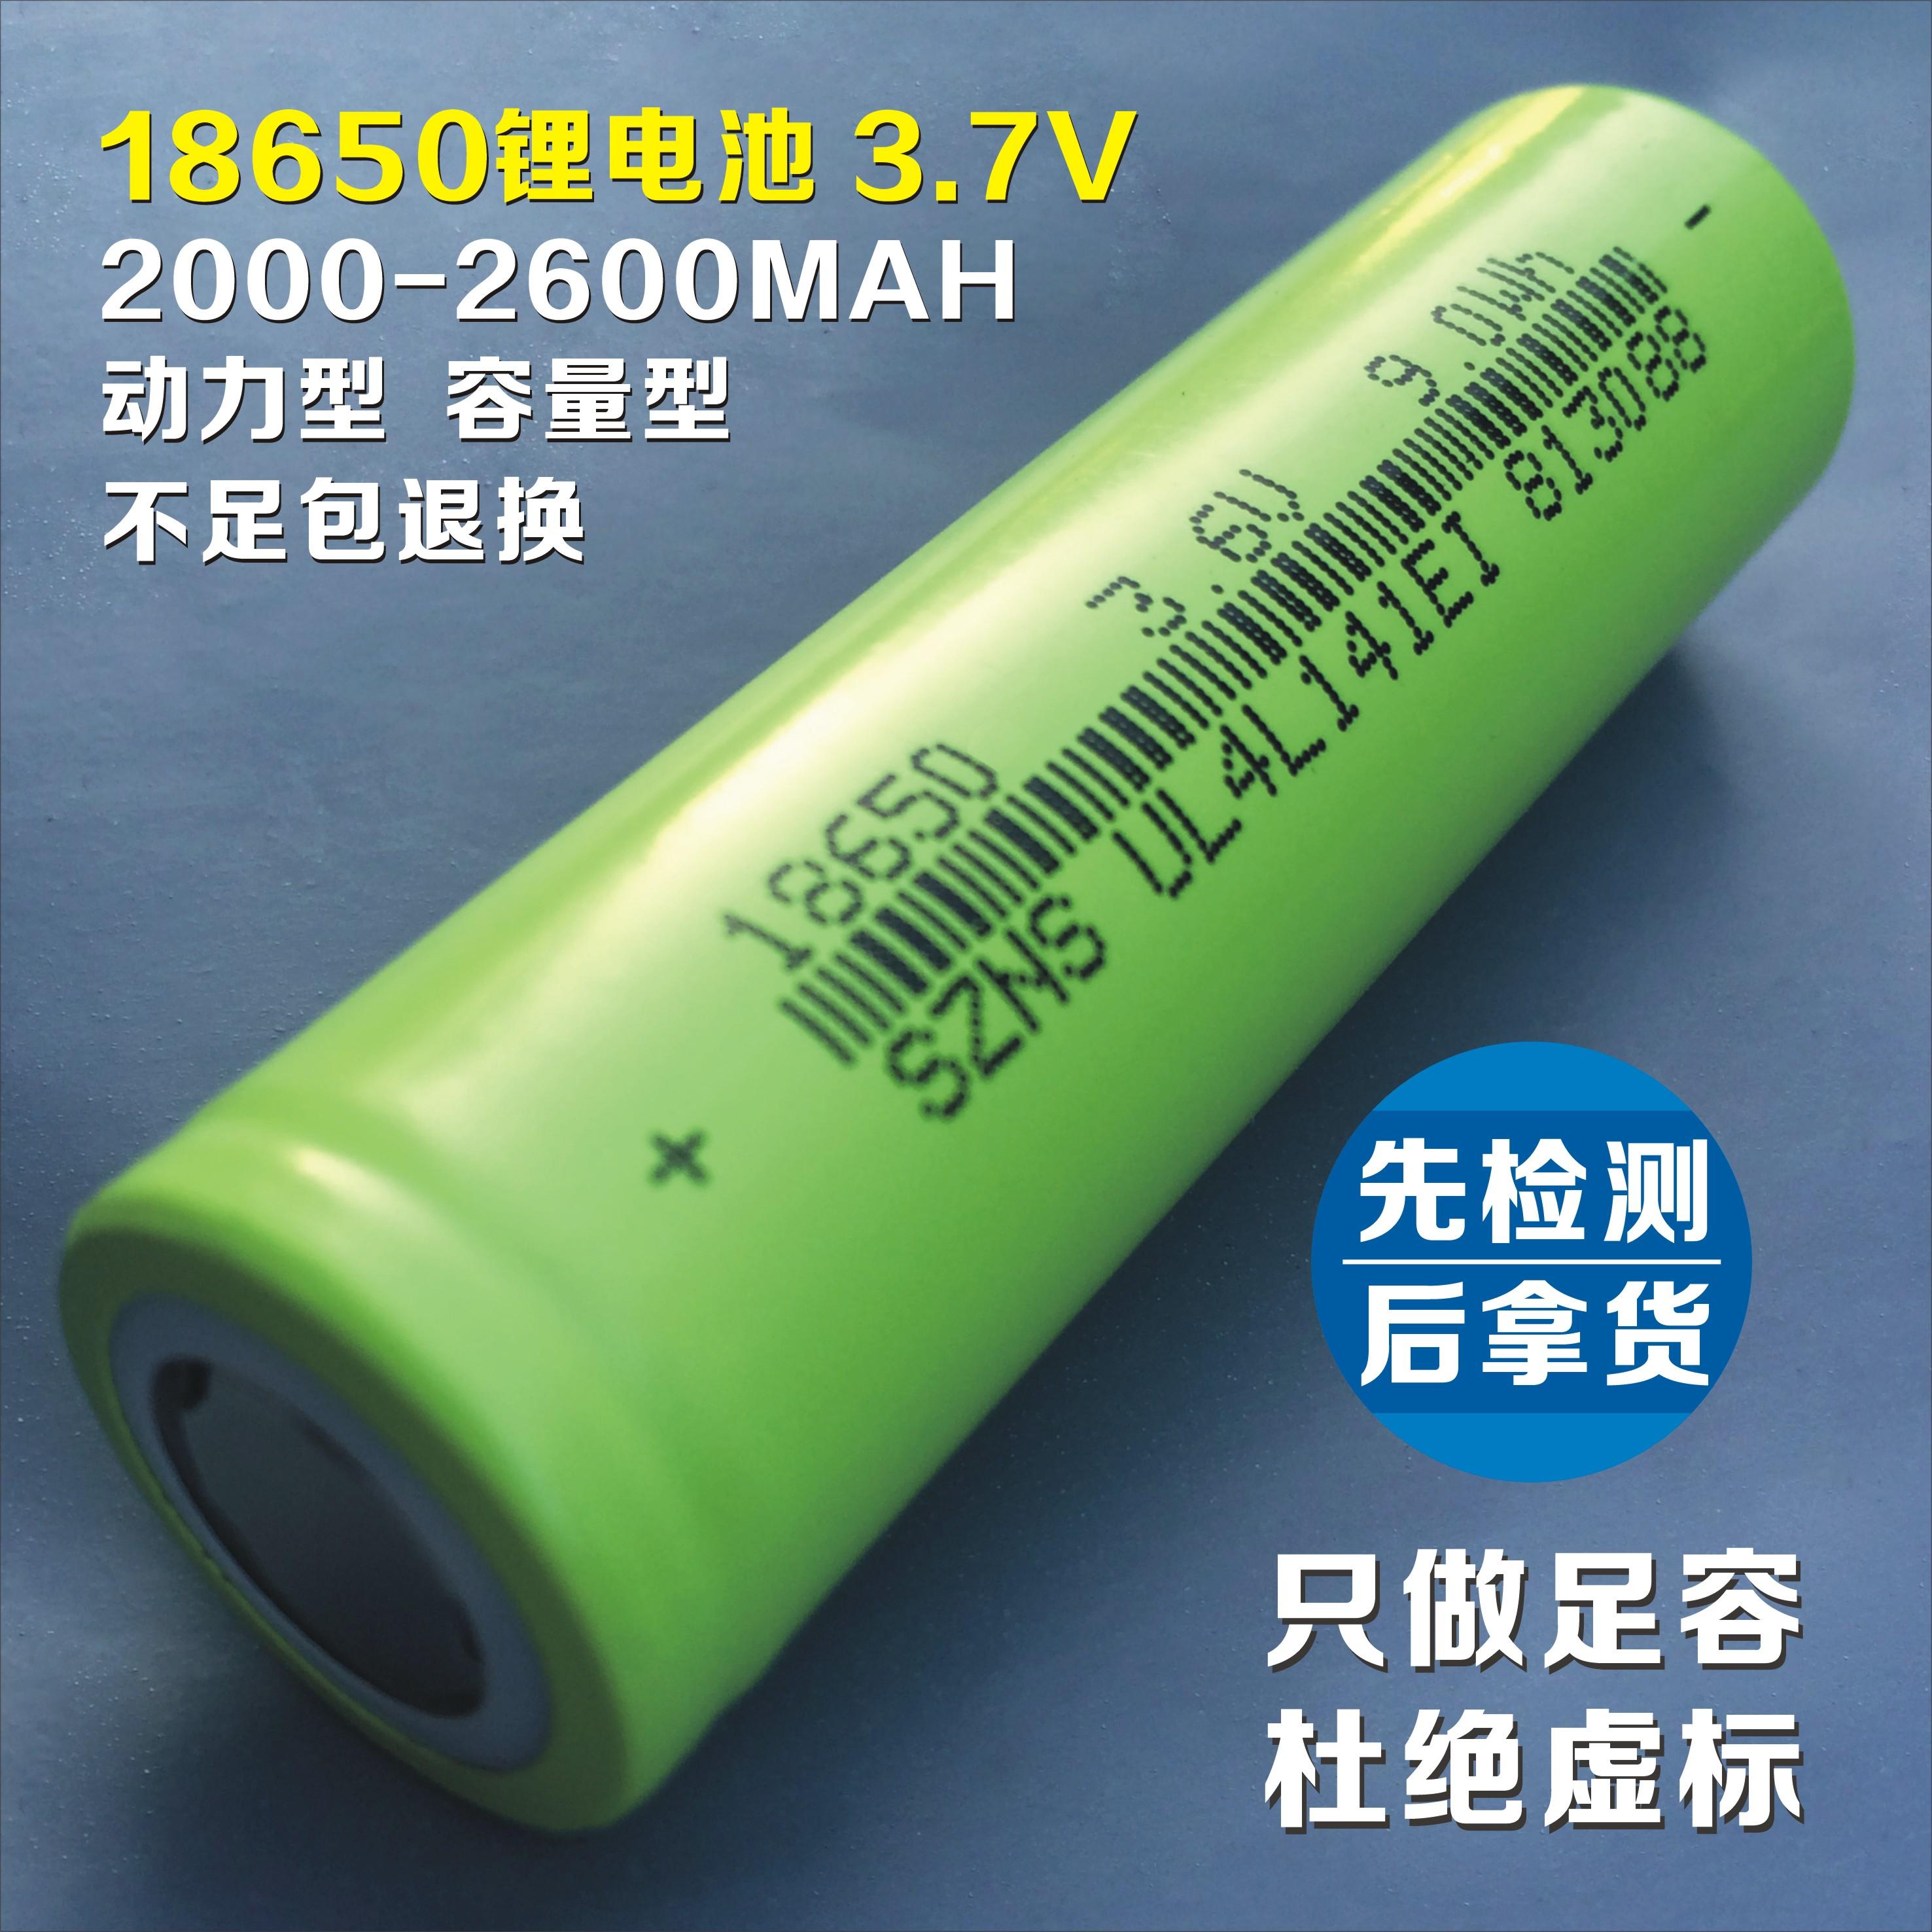 Полностью новый Продукт 18650 3.7v зарядки аккумулятора фонарик тупым литиевой батареи электрической мощности Po